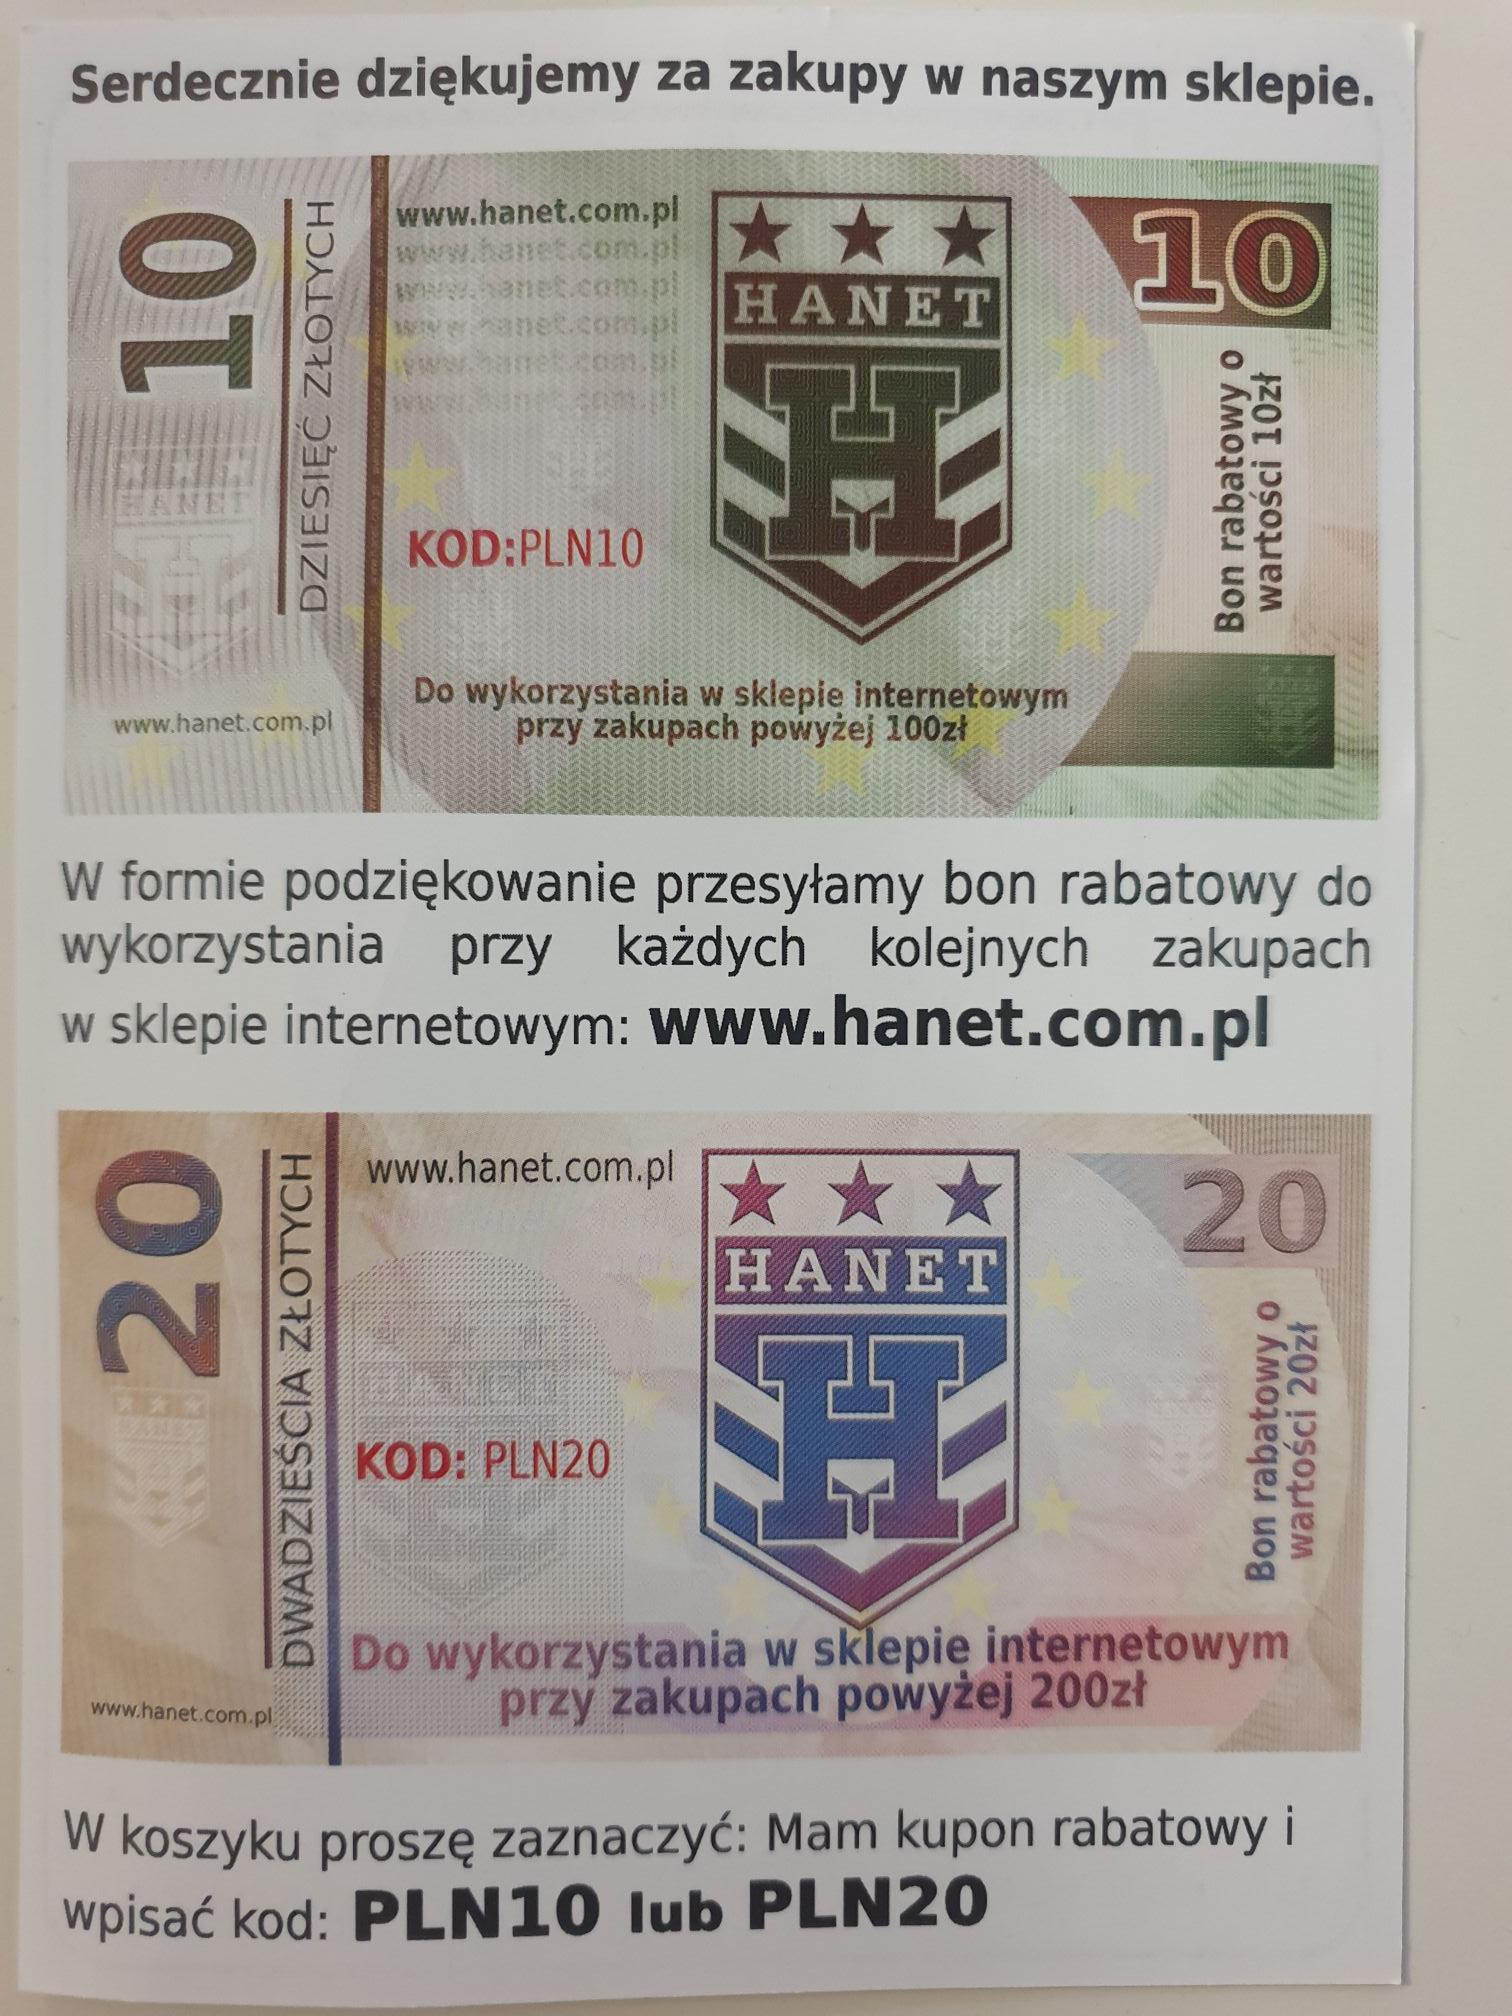 Kod rabatowy w sklepie HANET hanet.com.pl